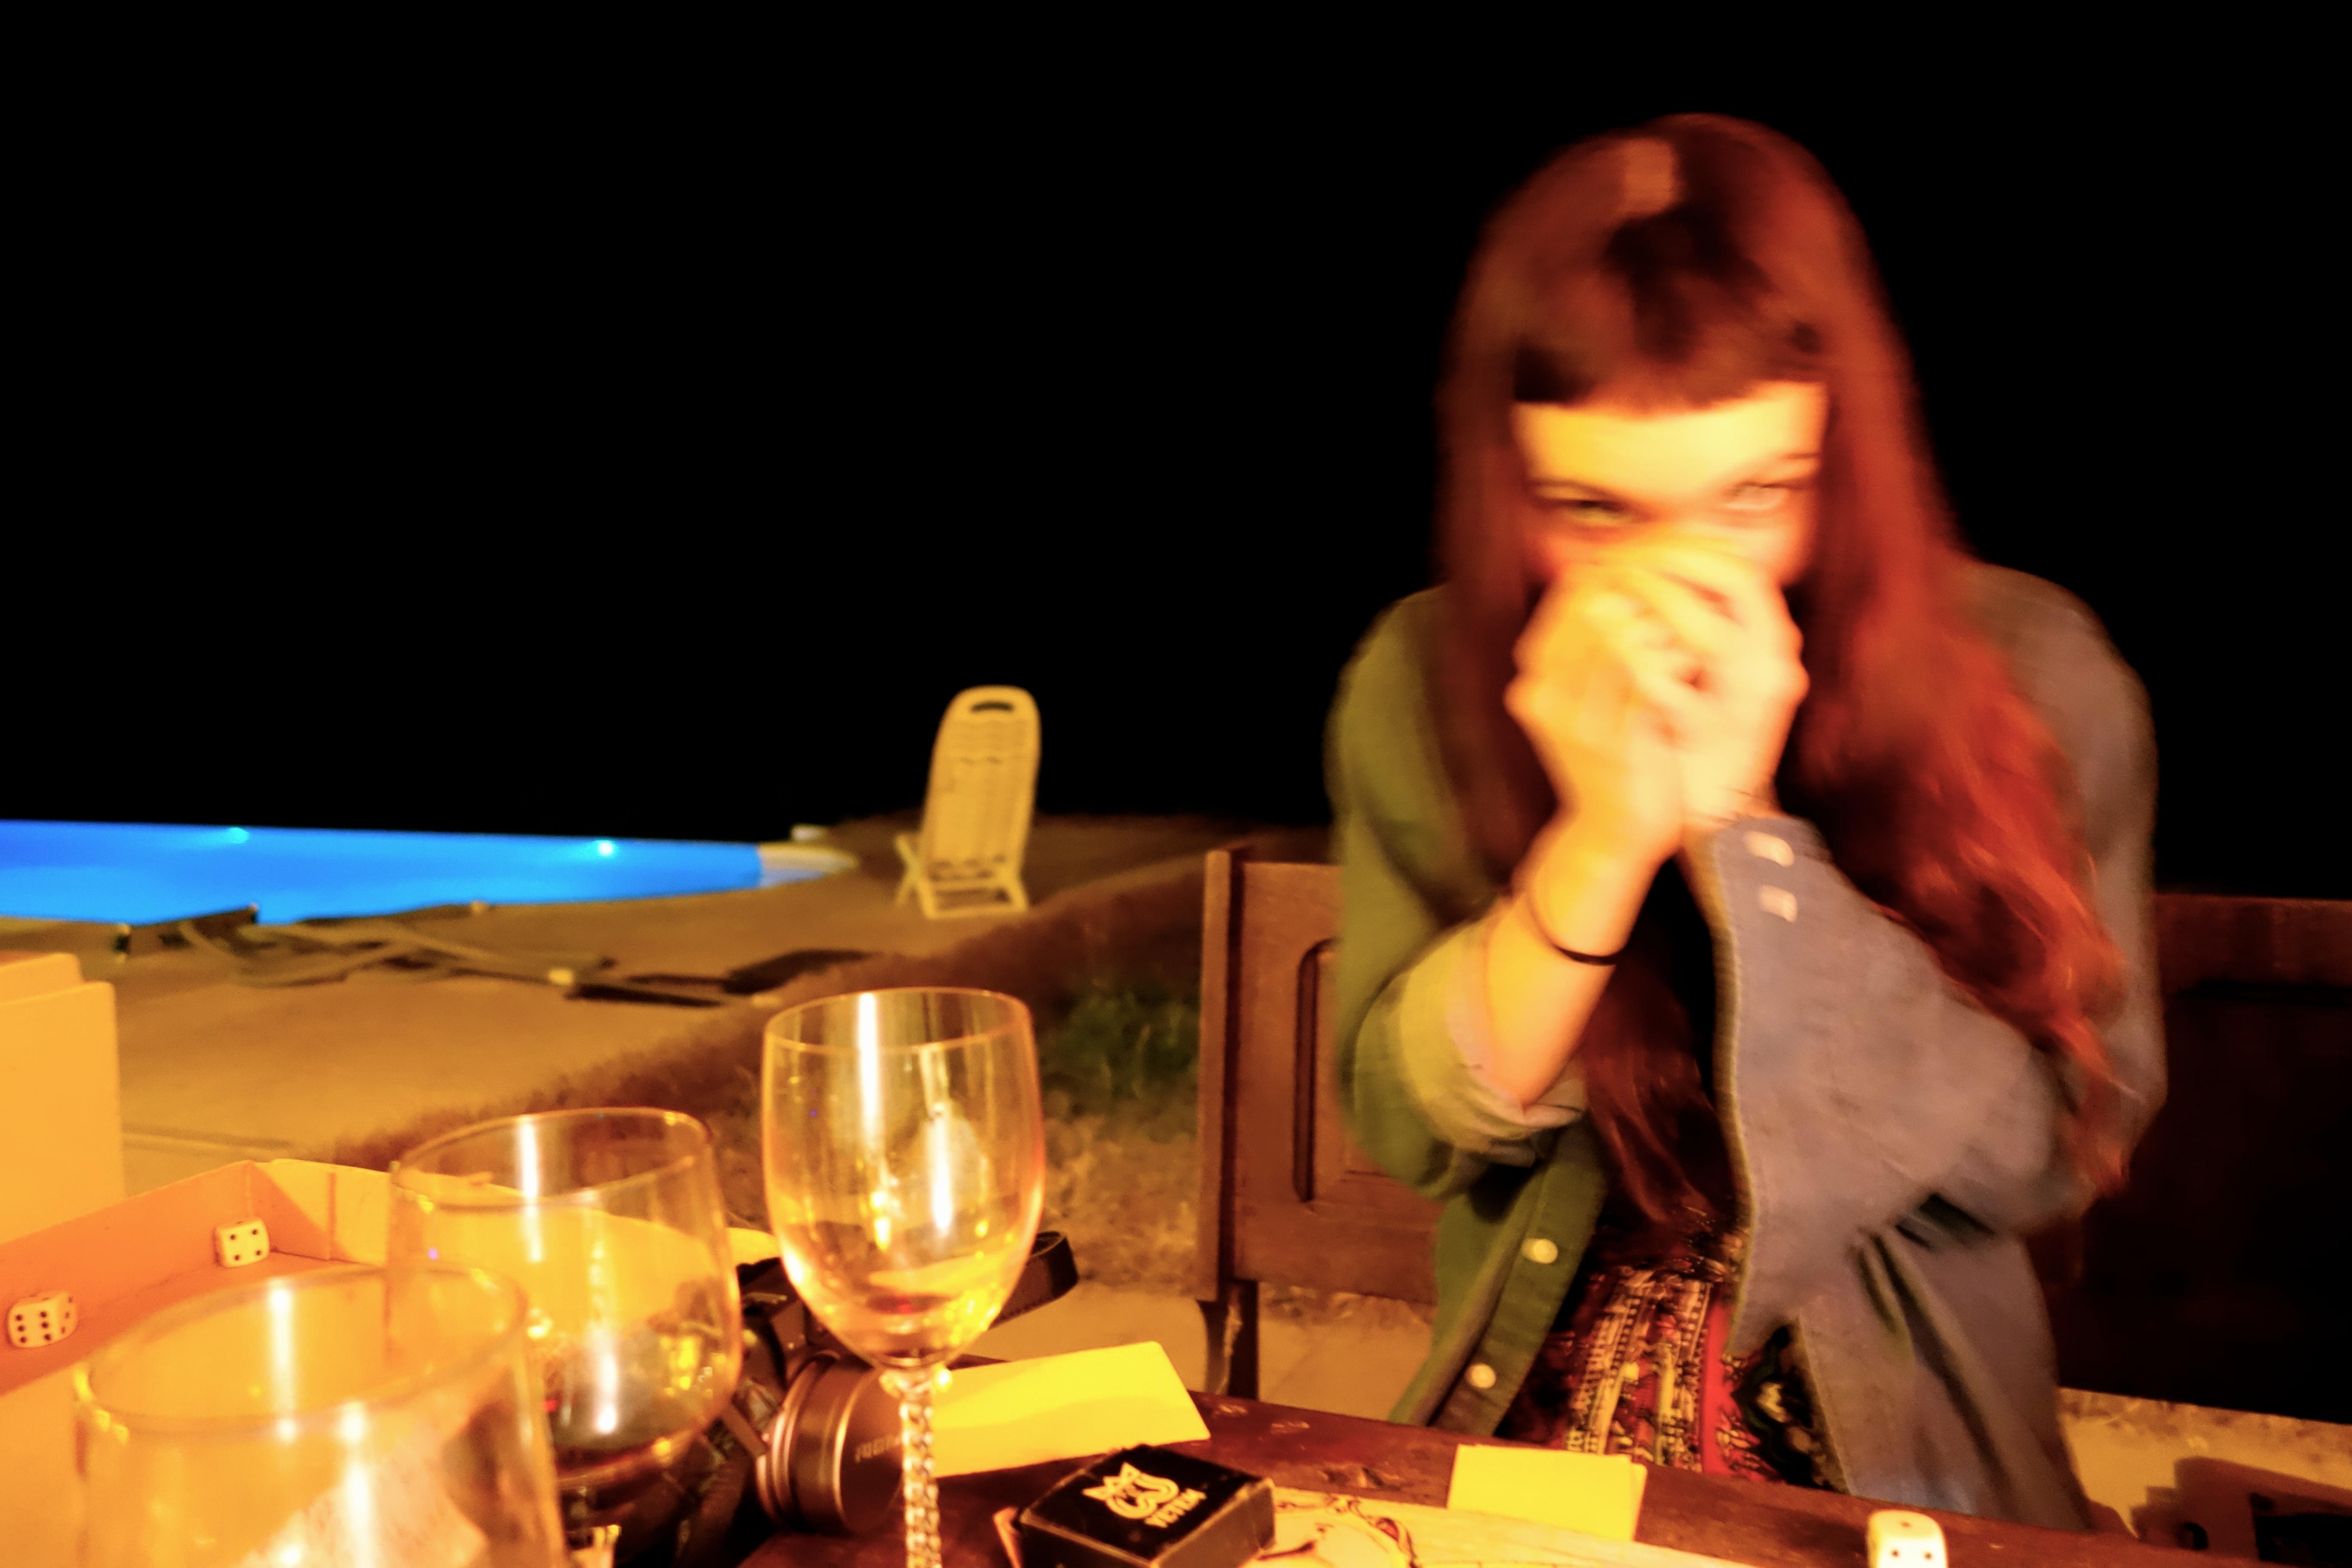 NOLAchef-buenos-aires-blog-summer-dreamin-suipacha